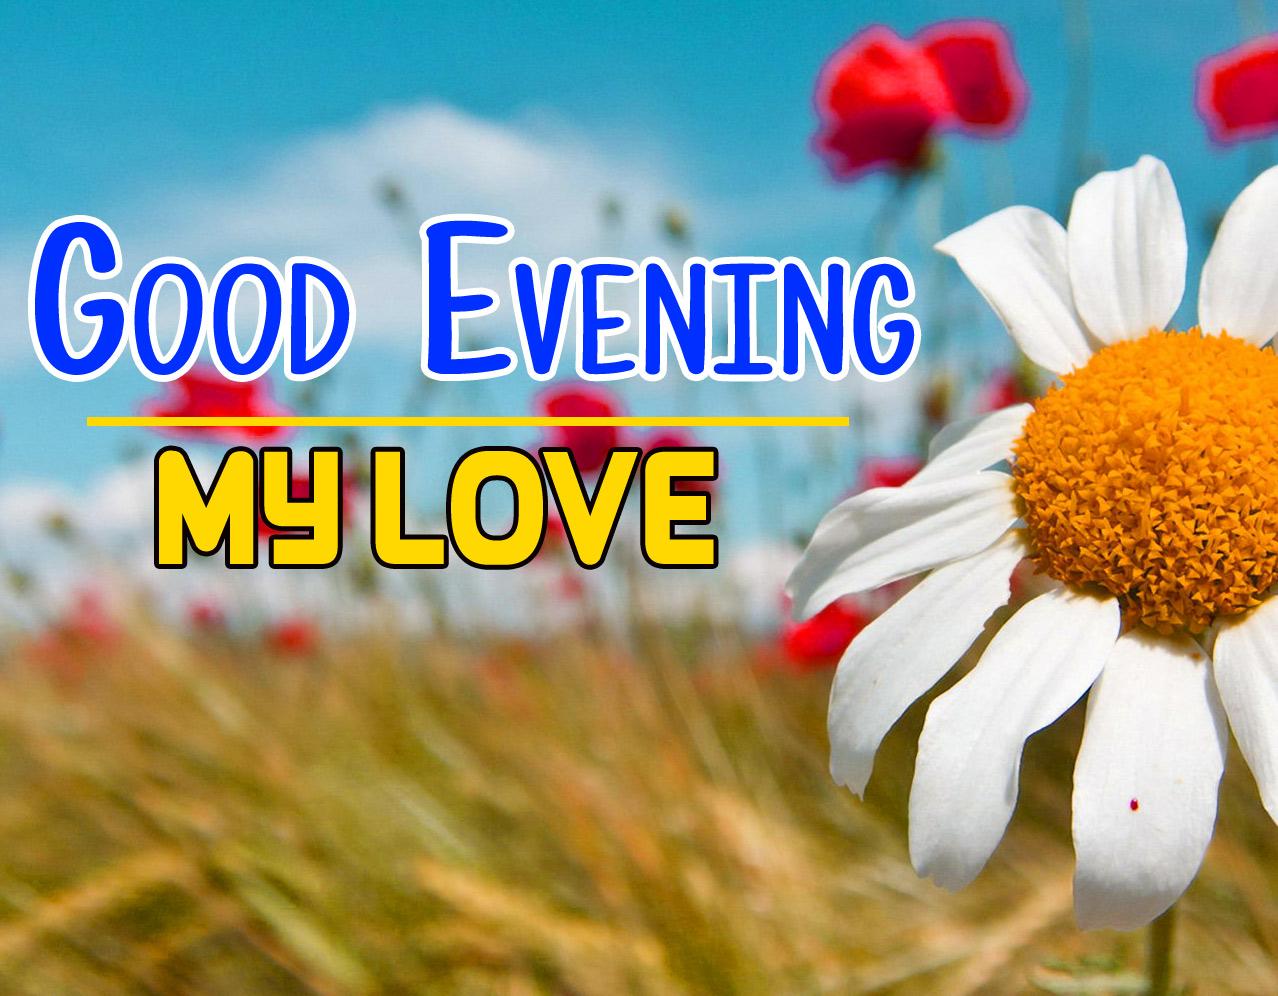 Beautiful Good Evening Images 9